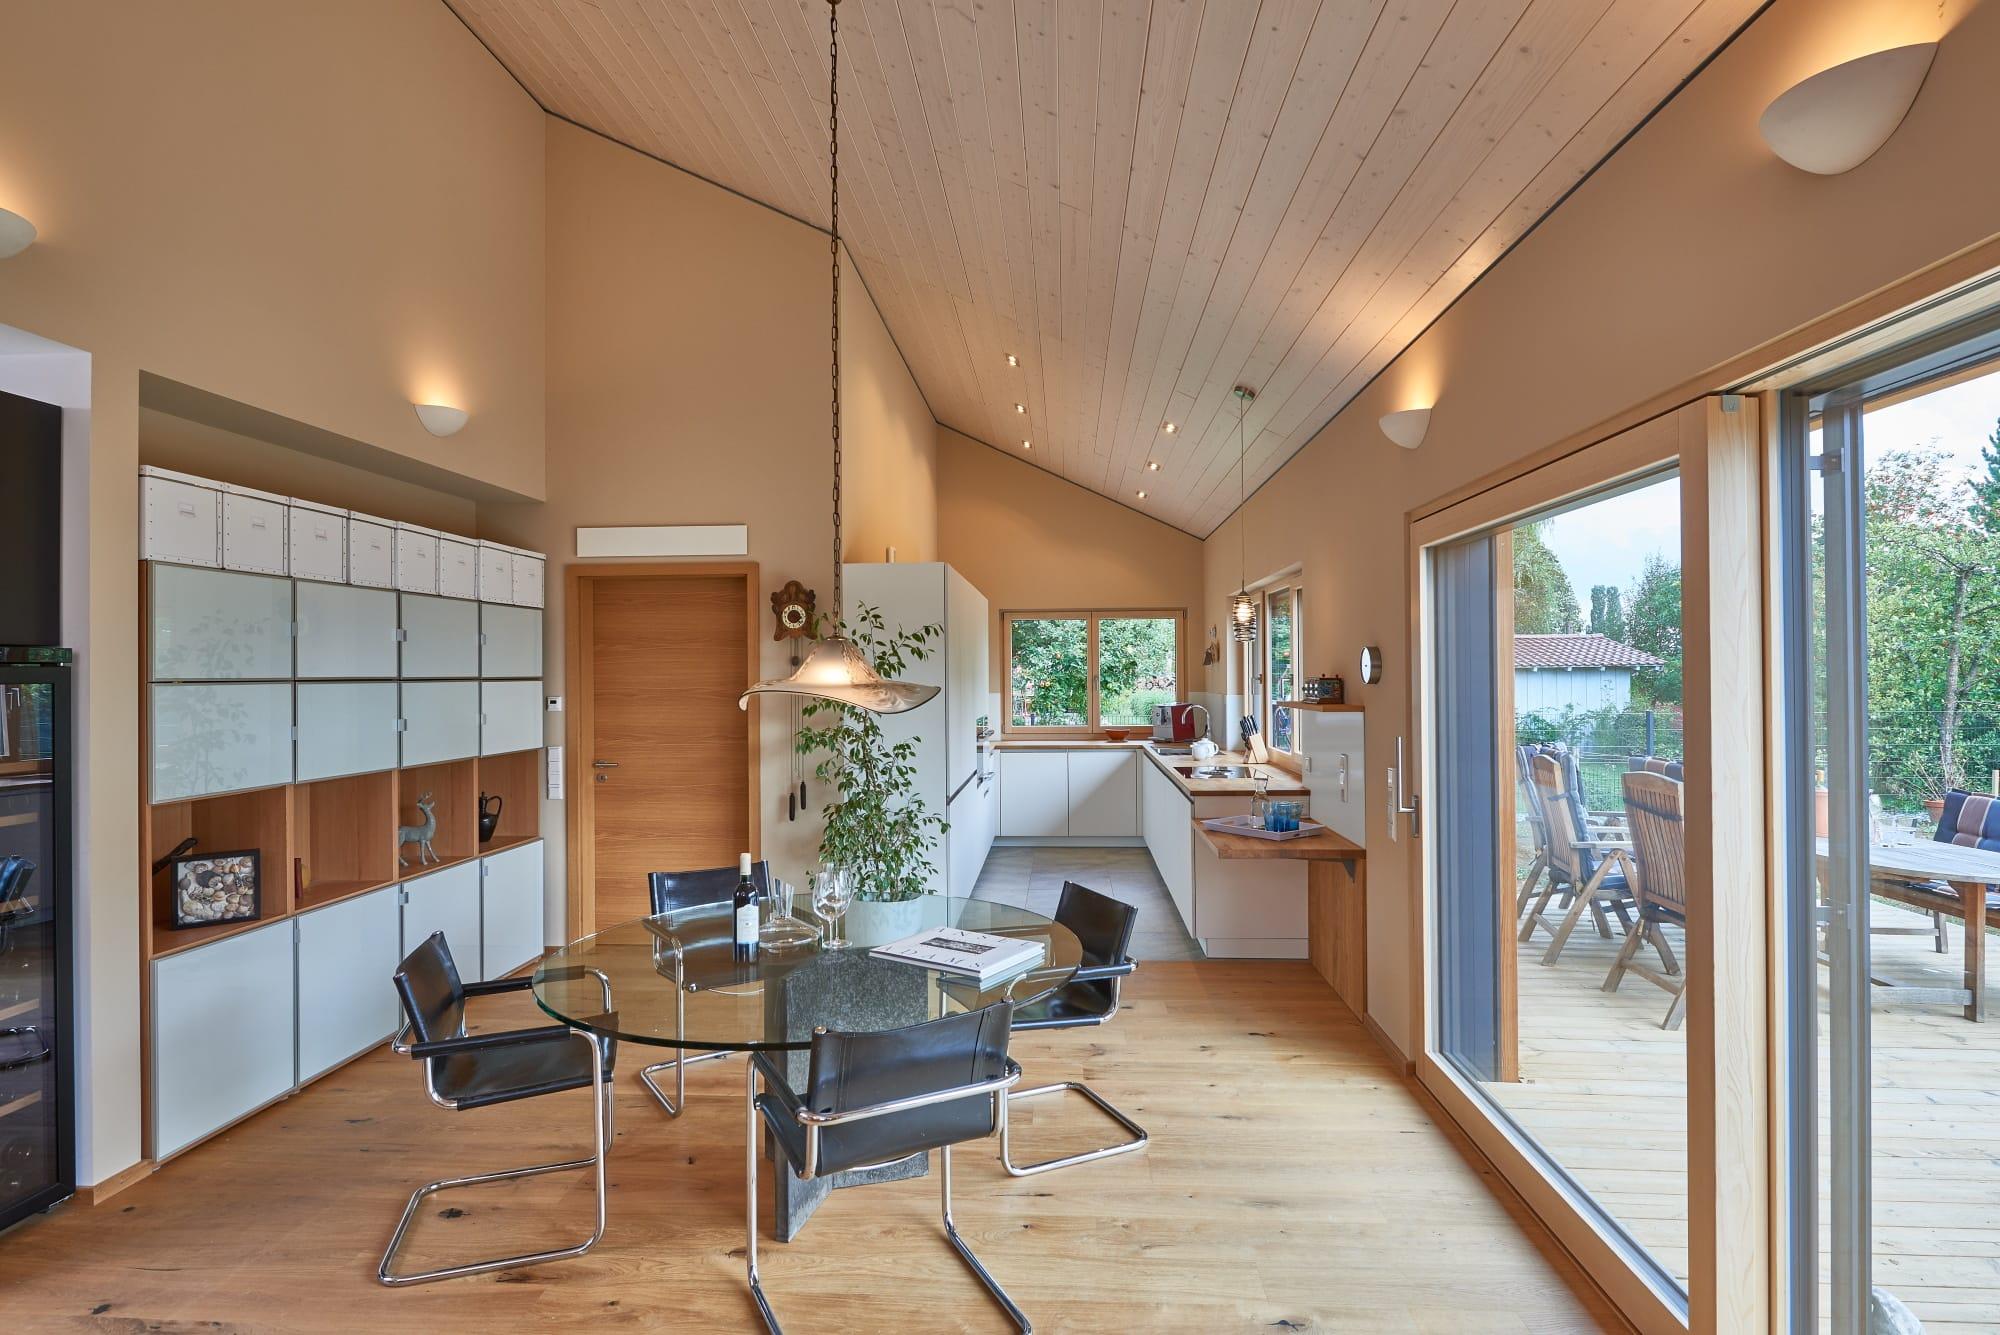 Offenes Wohn- und Esszimmer mit Küche & Holzdecke - Haus Design innen Holzhaus Baufritz ÖKOHAUS SCHWEIGER - HausbauDirekt.de